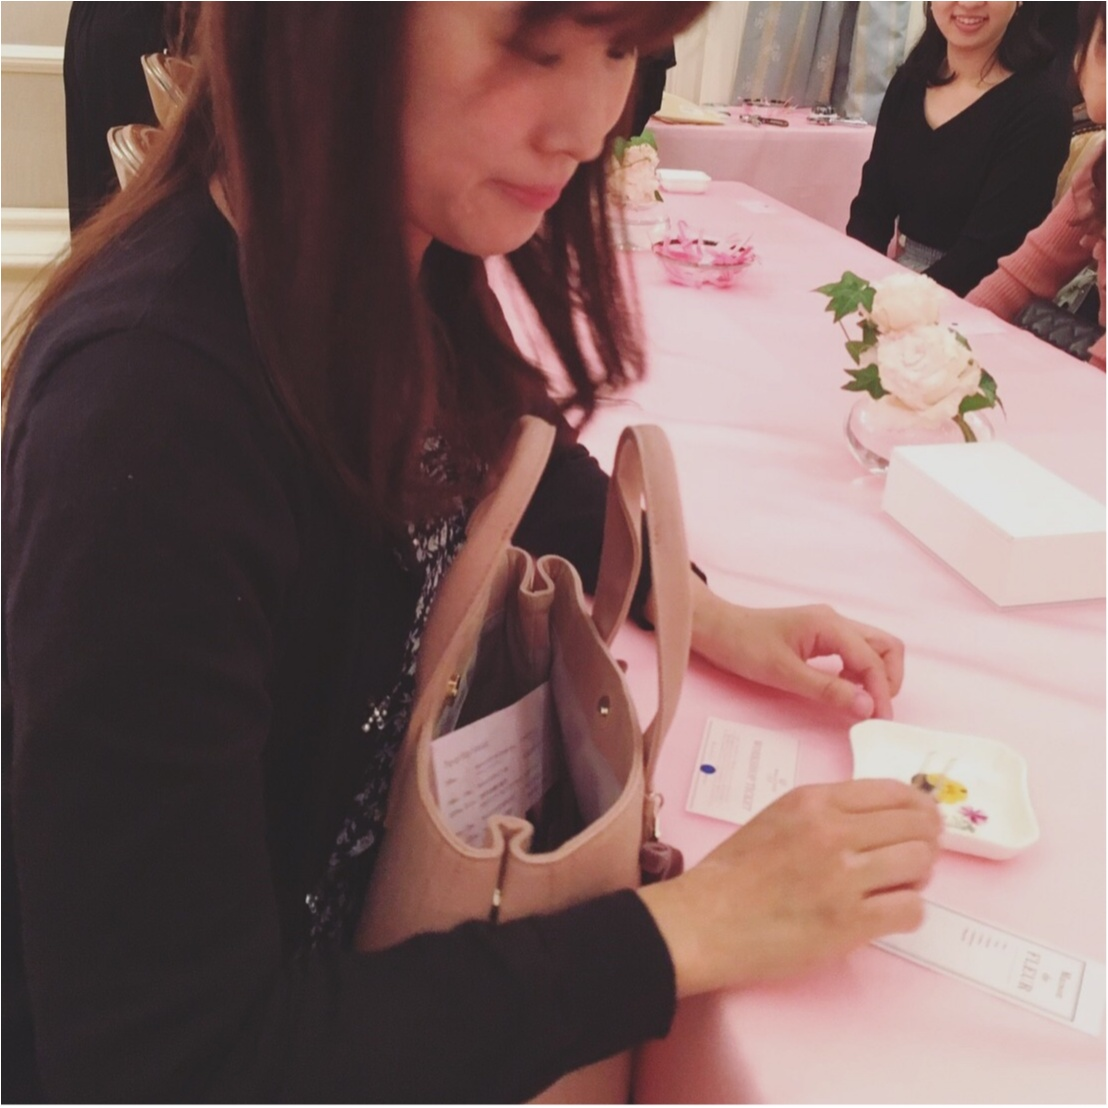 《Maison de FLEUR 4th Birthday Party.》メゾンドフルールの4周年パーティ♡私達、このピンクの世界を愛してる!♡♡_13